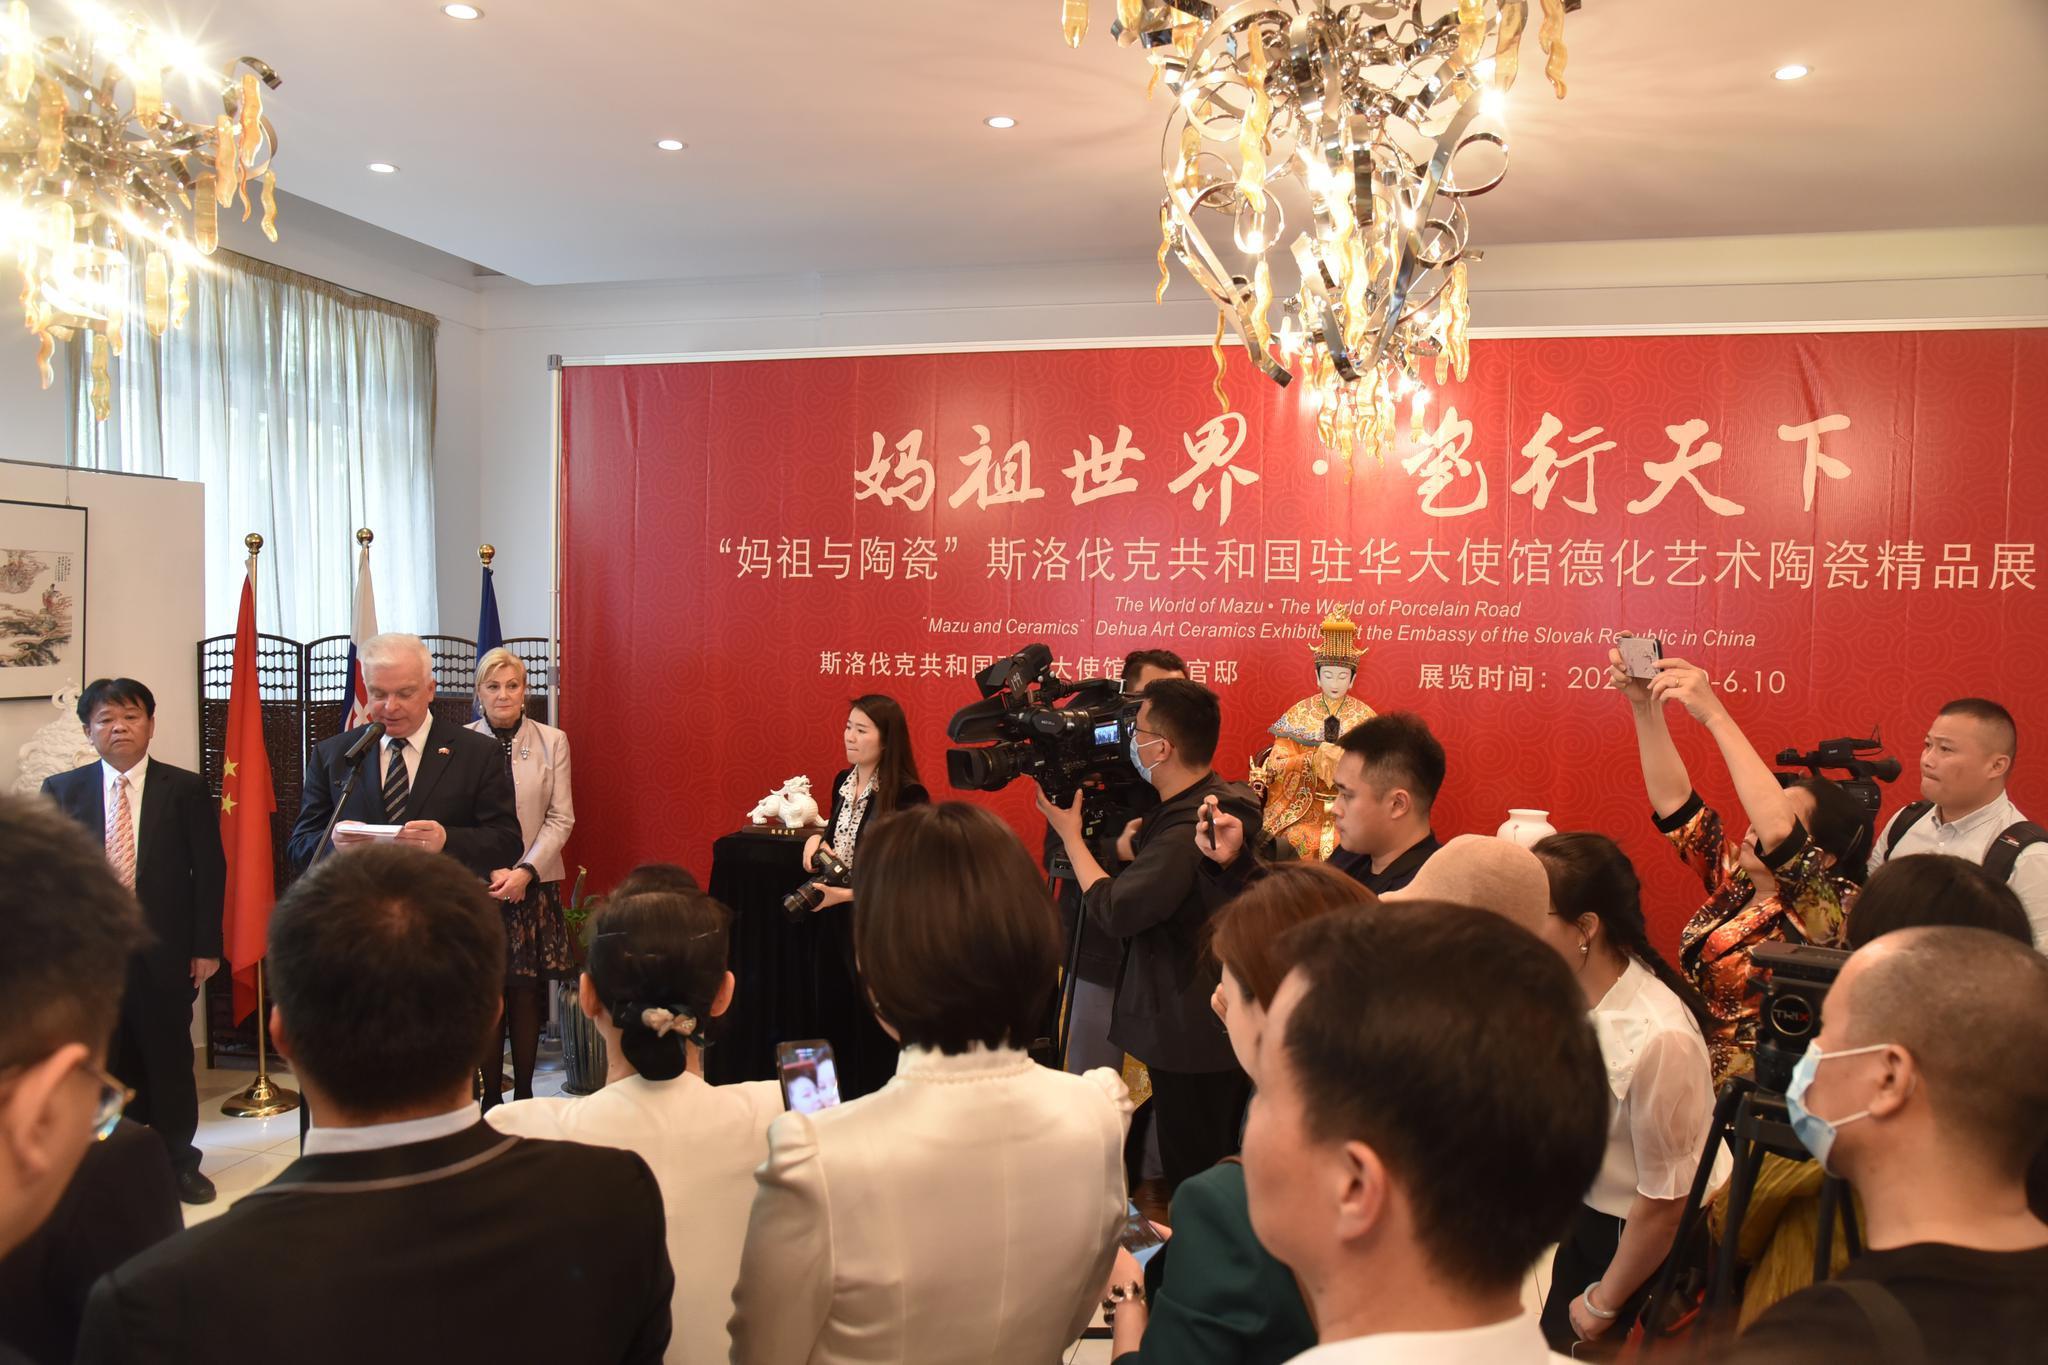 徳化白瓷精品展首次在外国驻华大使馆举办